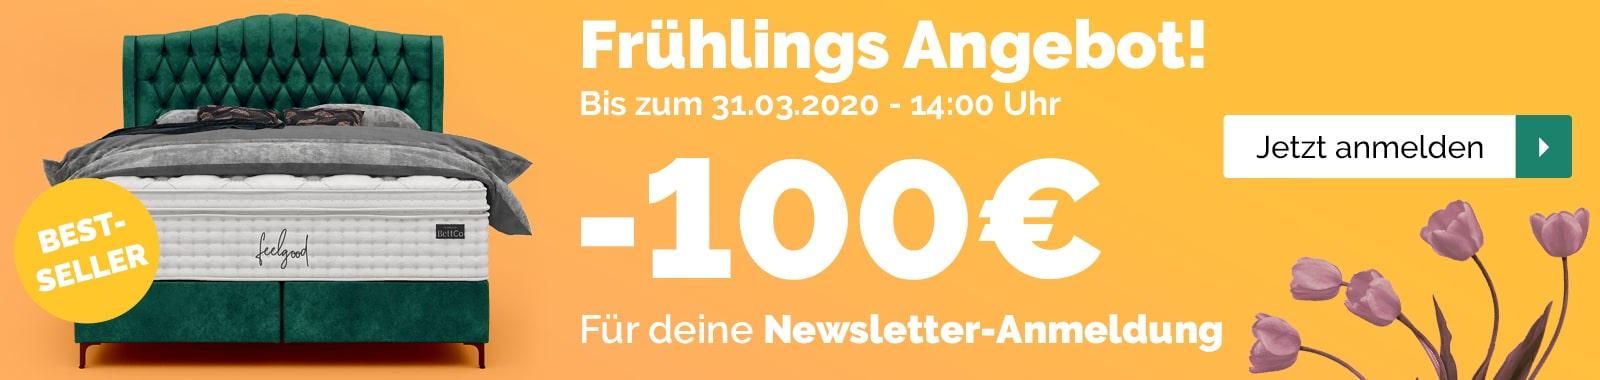 Frühlings Angebot 100€ Rabatt für deine Newsletter-Anmeldung auf alle Boxspringbetten!